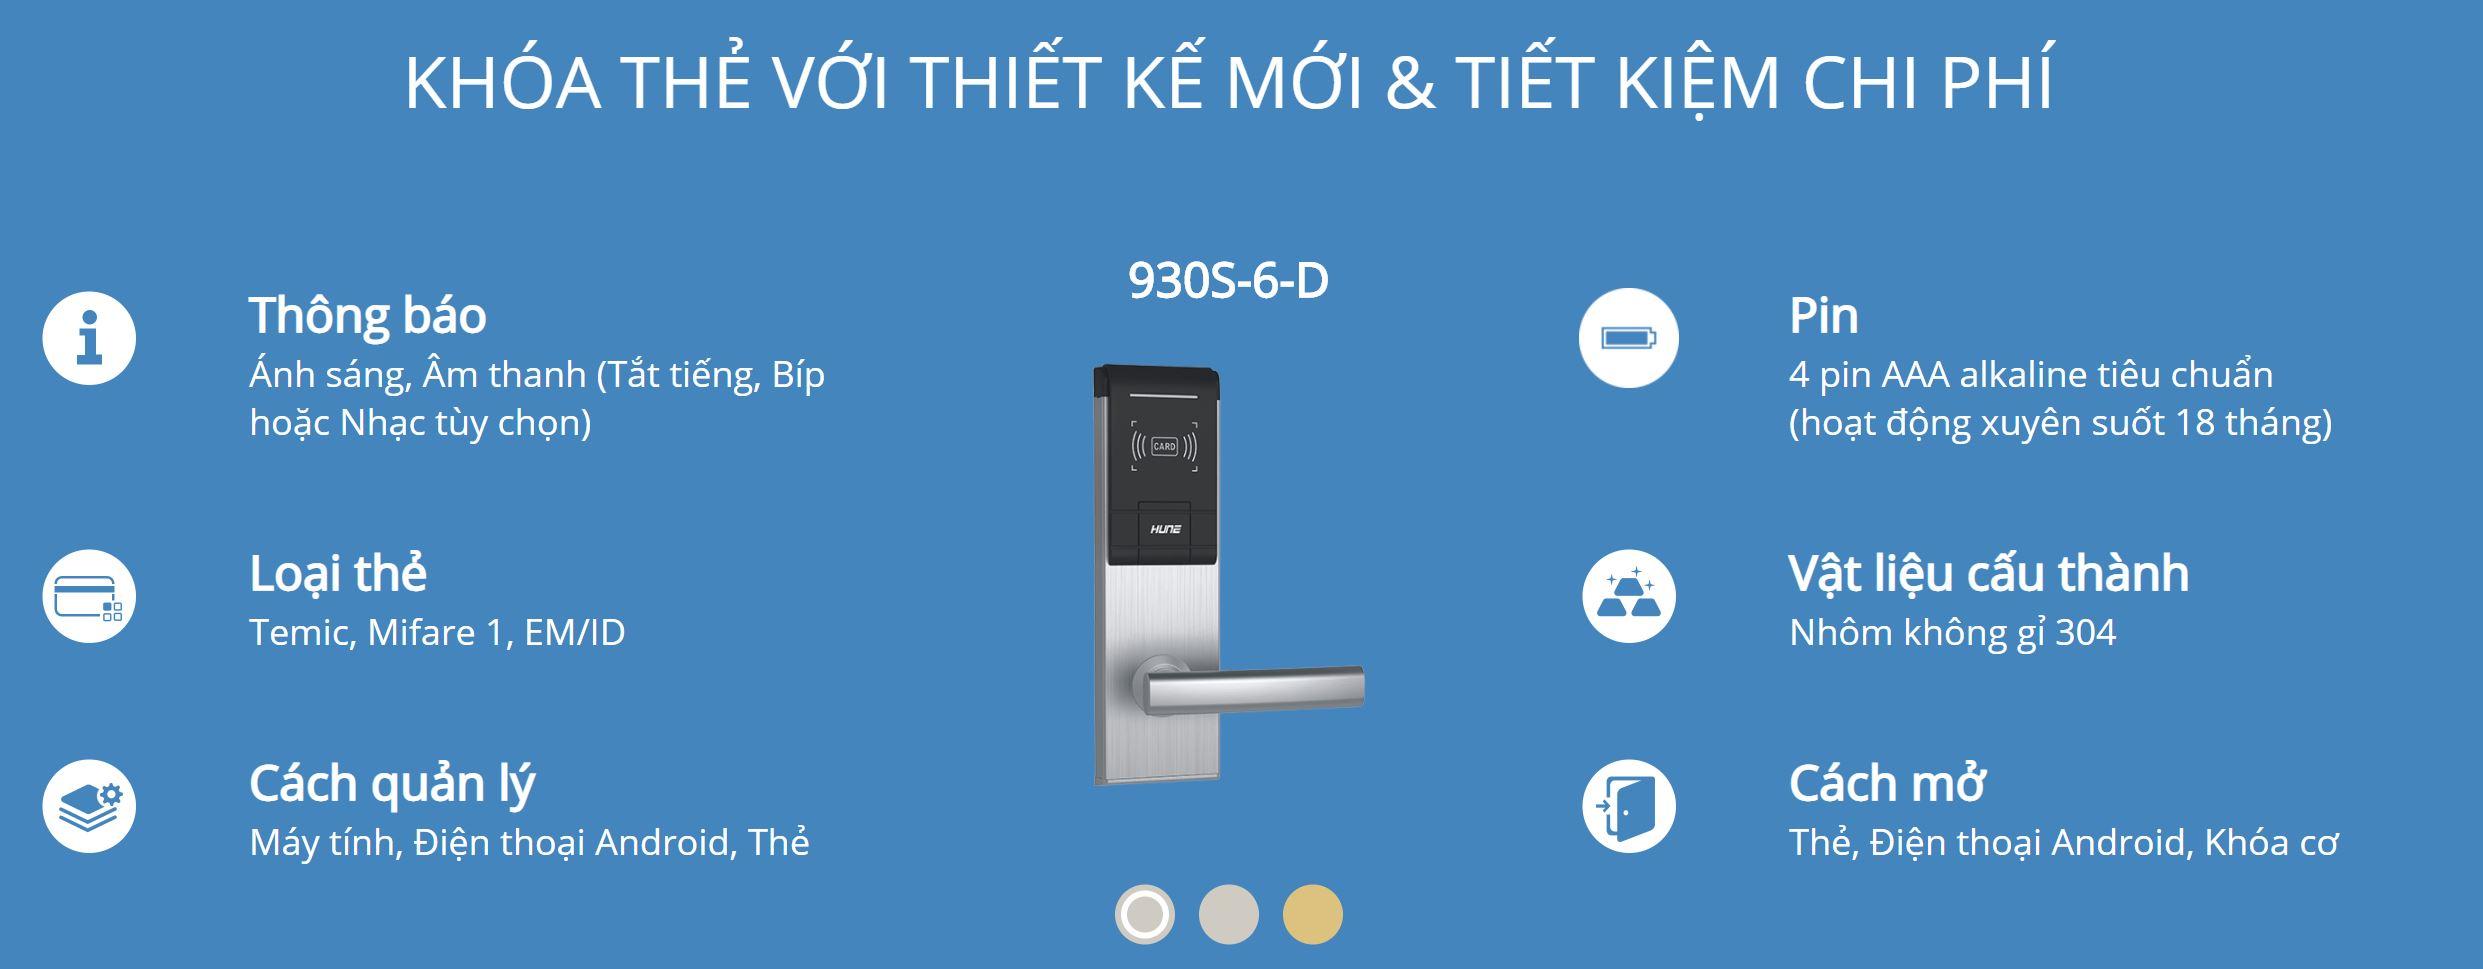 Thông tin kỹ thuật khóa thẻ Hune 930-5-D